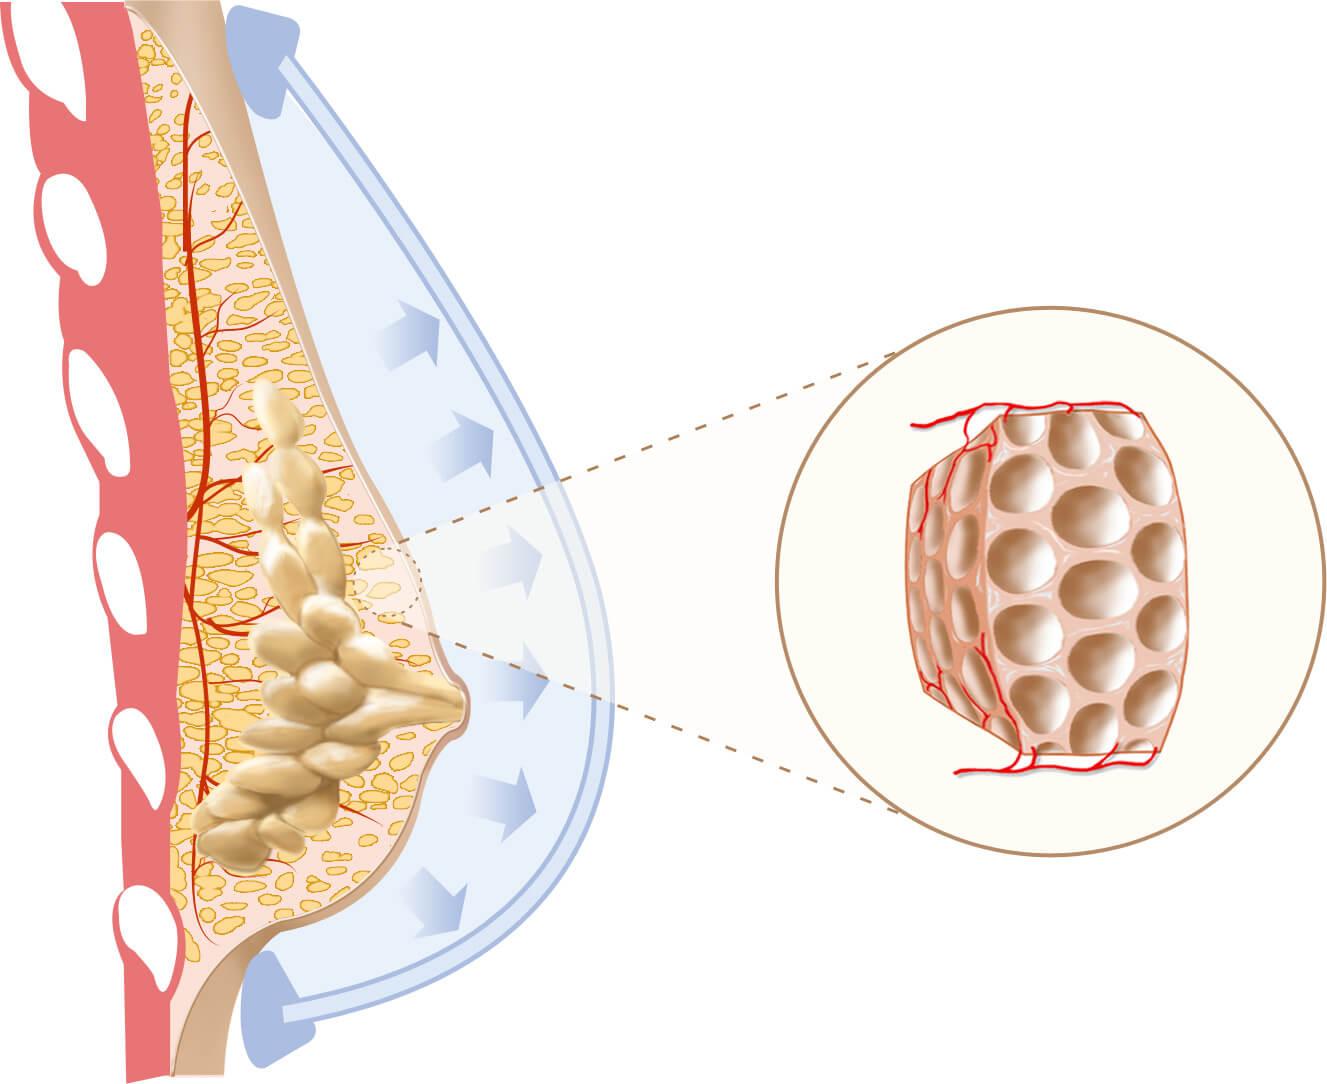 Cómo funciona el aumento de senos naturales? -